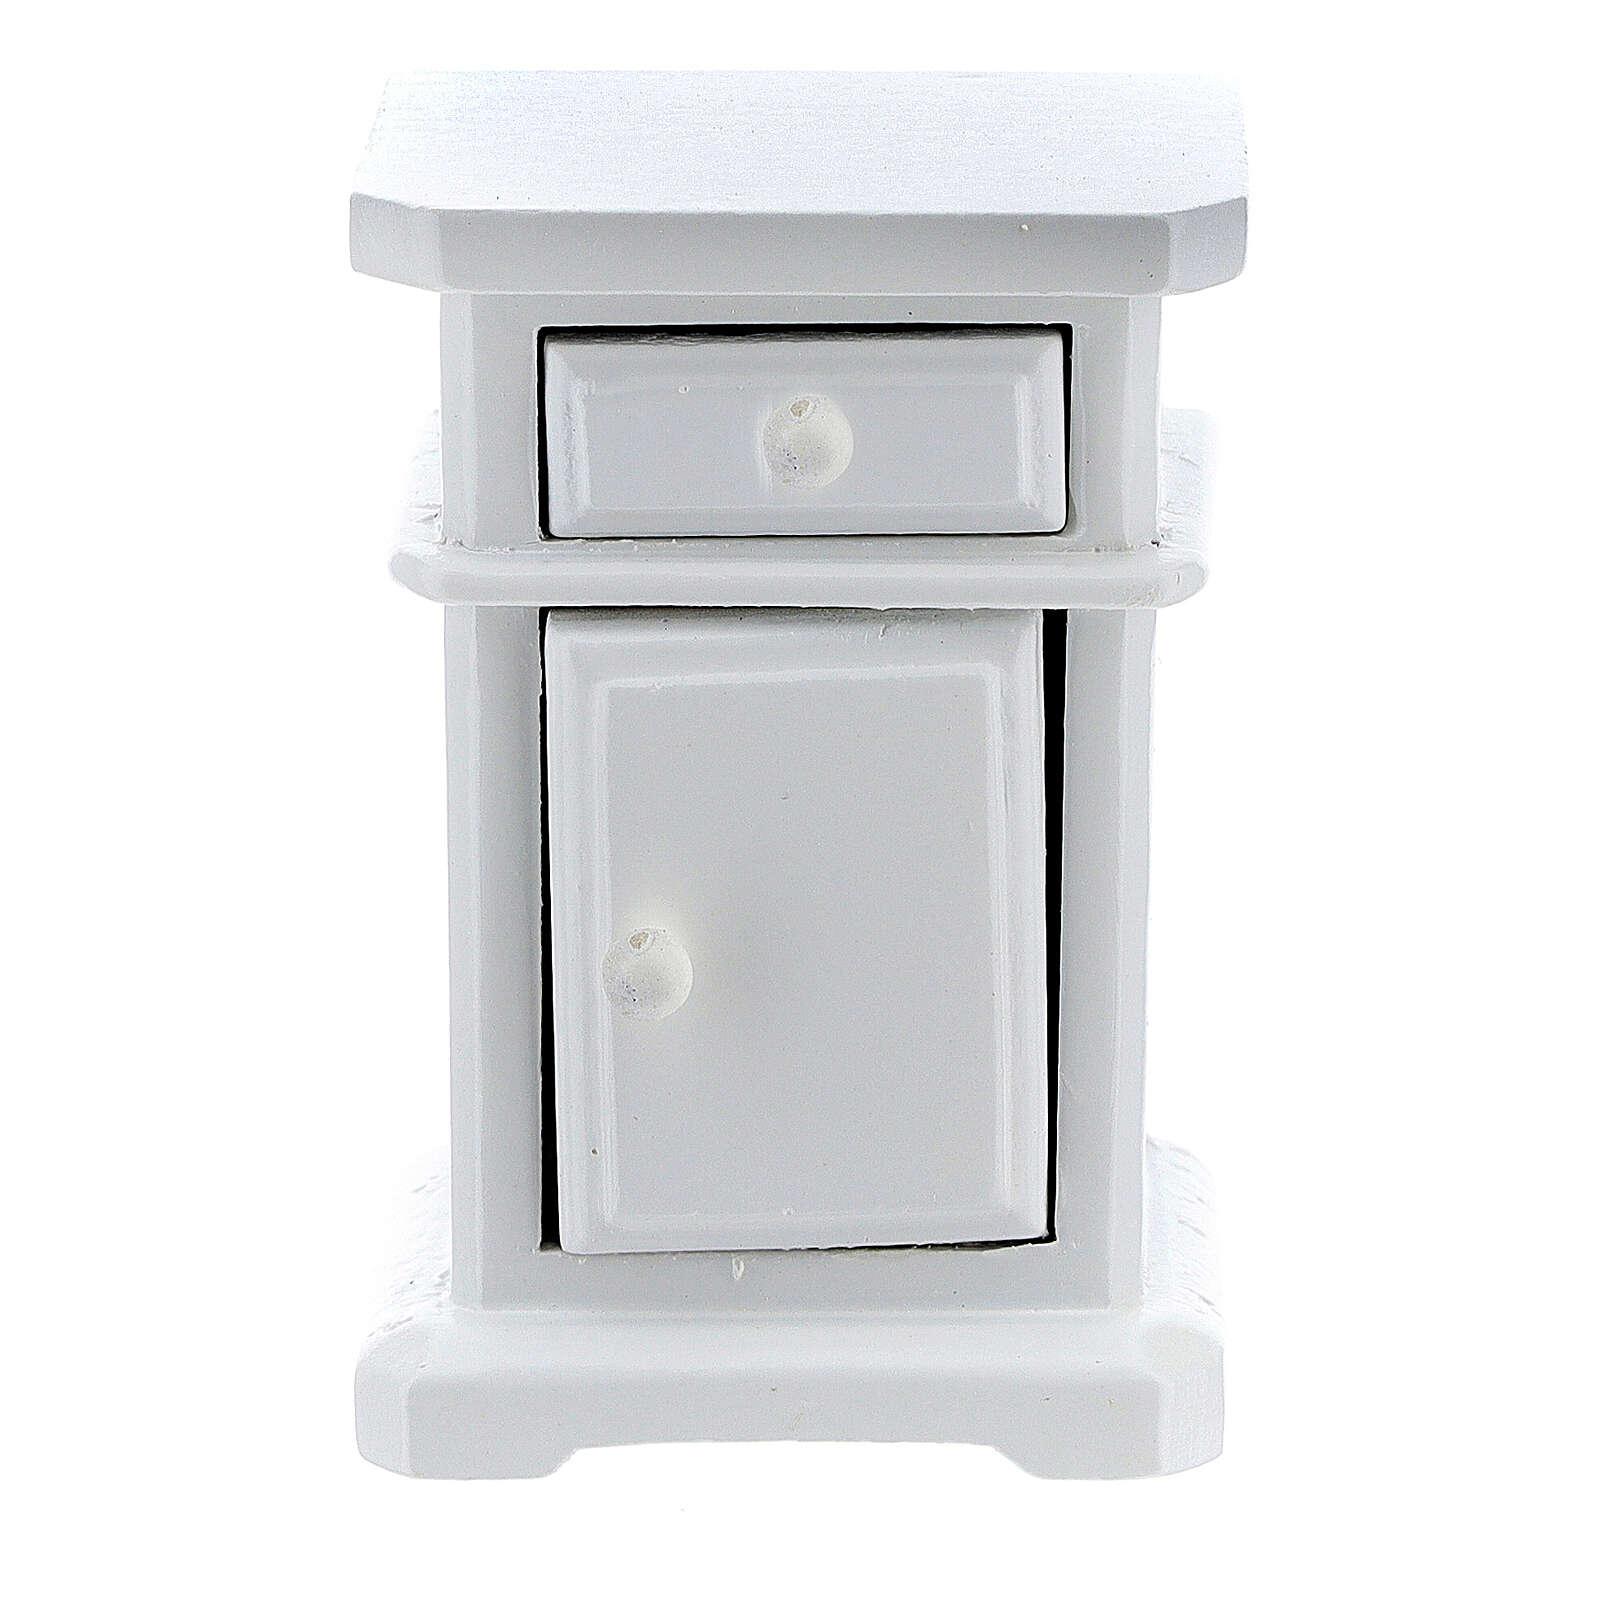 Table de nuit bois blanc 6x4x3 cm crèche 12-14 cm 4